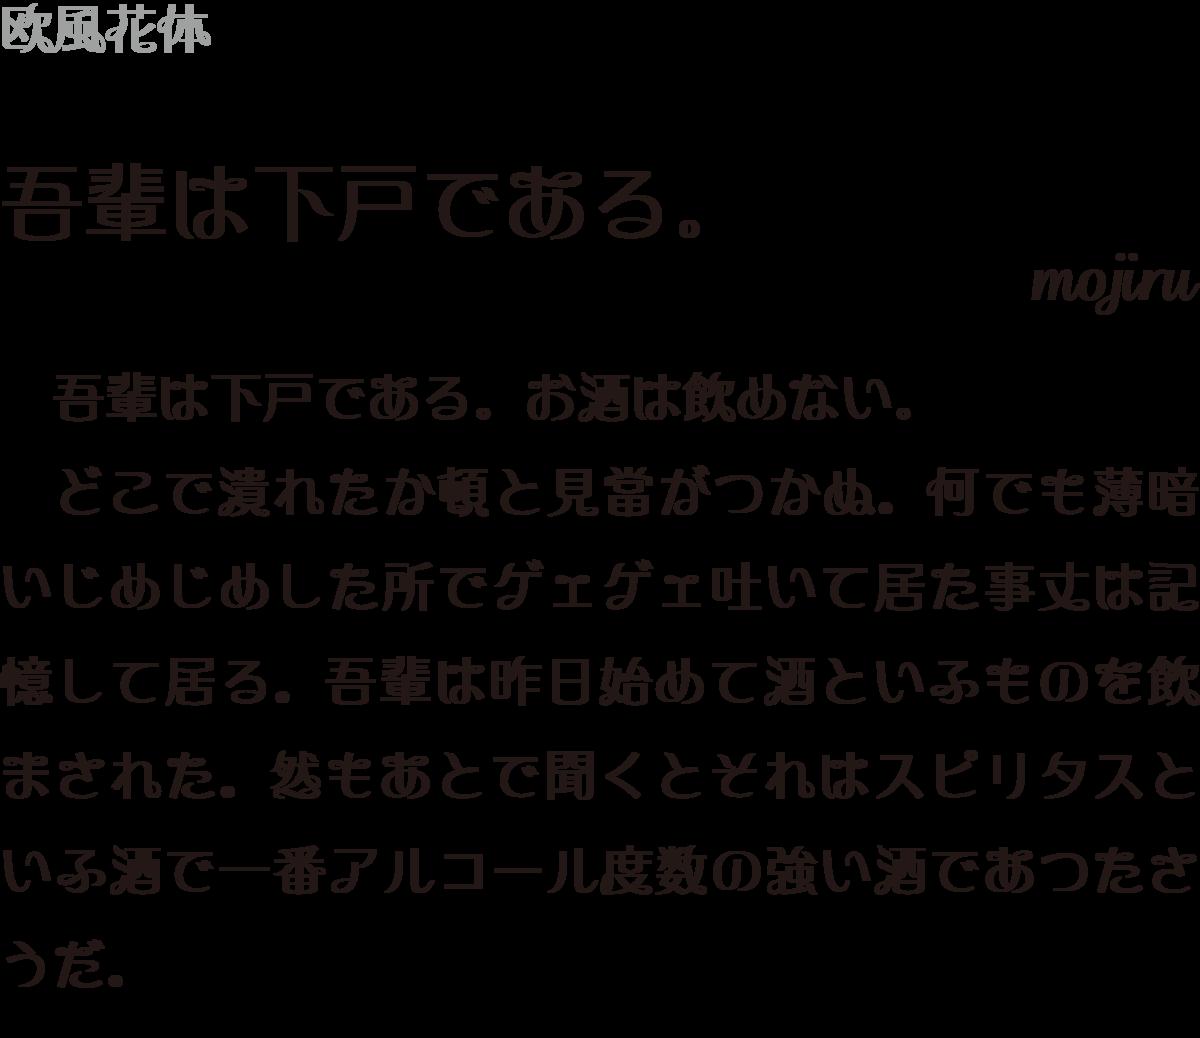 f:id:mojiru:20190528154826p:plain